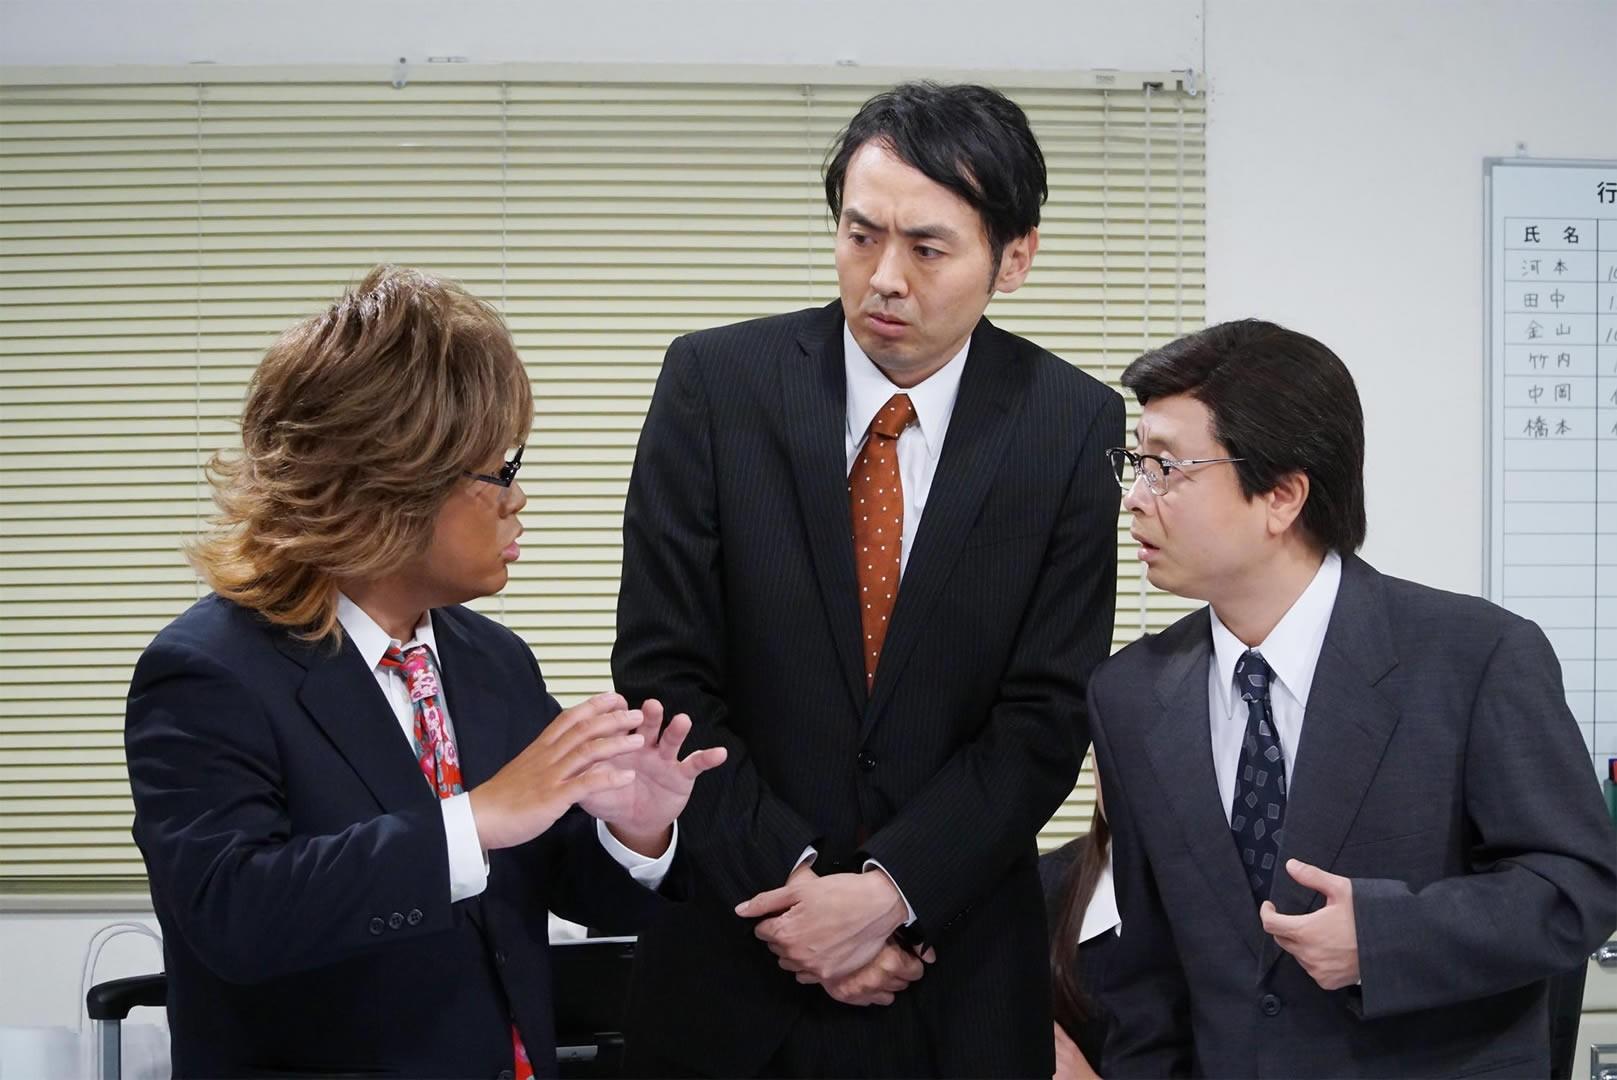 左から:中岡創一(ロッチ)、田中卓志(アンガールズ)、河本準一(次長課長)